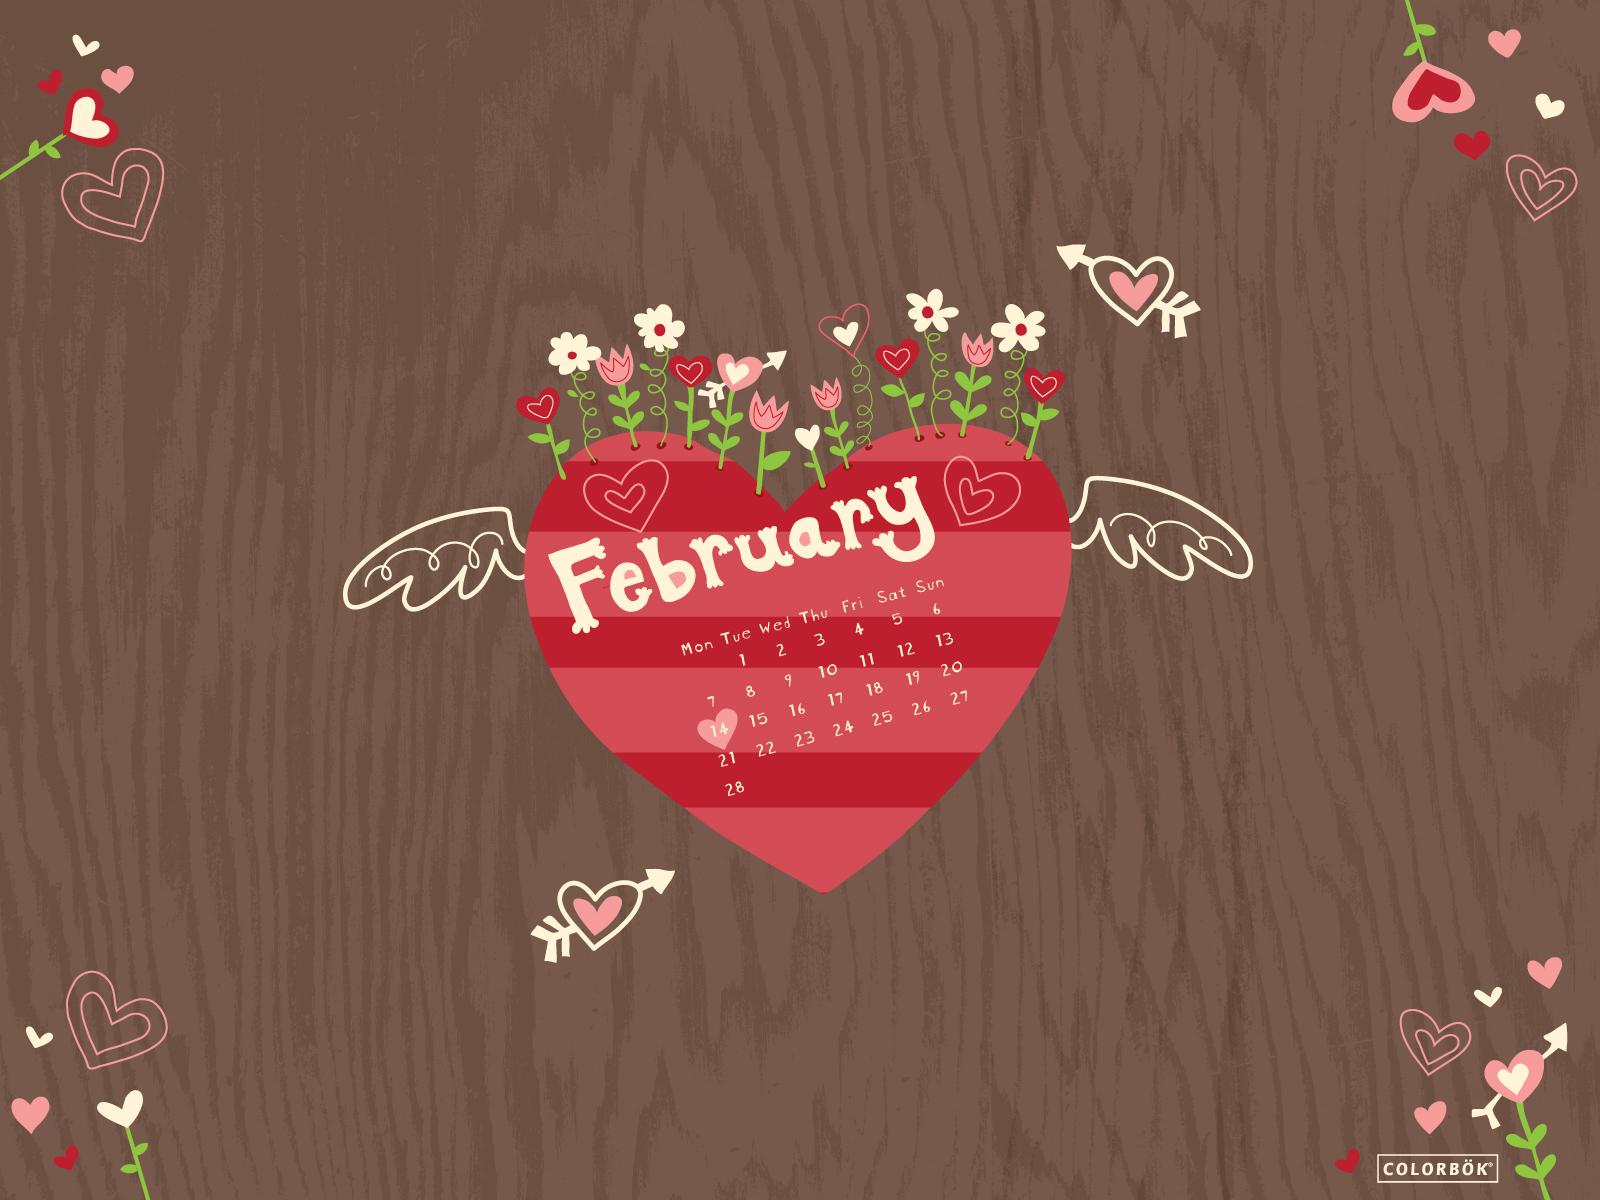 February Wallpapers Calendar 2013 1600x1200